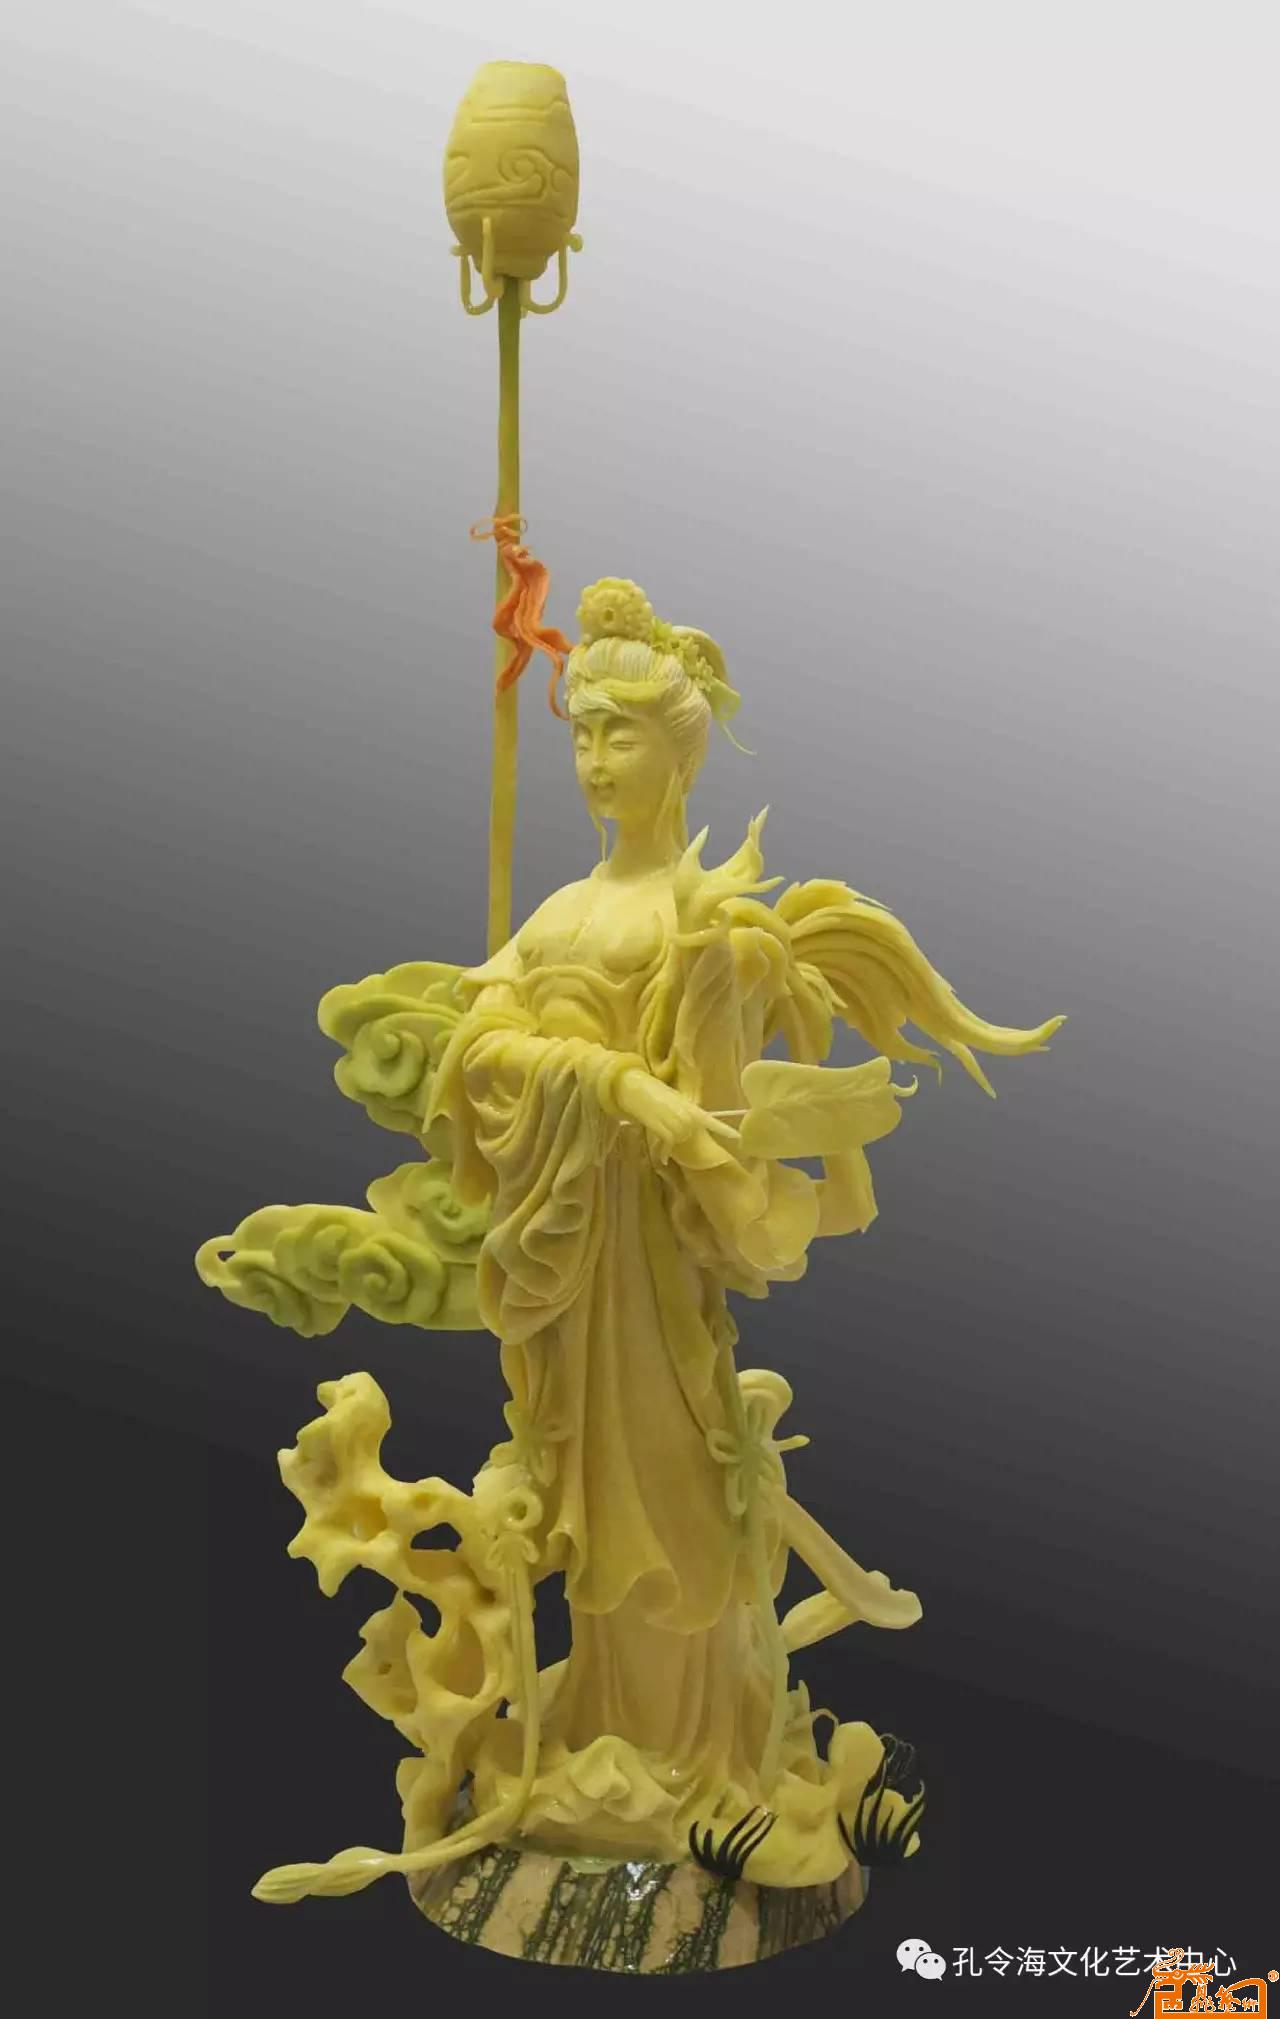 食品雕刻人物作品:《春宫仕女》  原料:南瓜